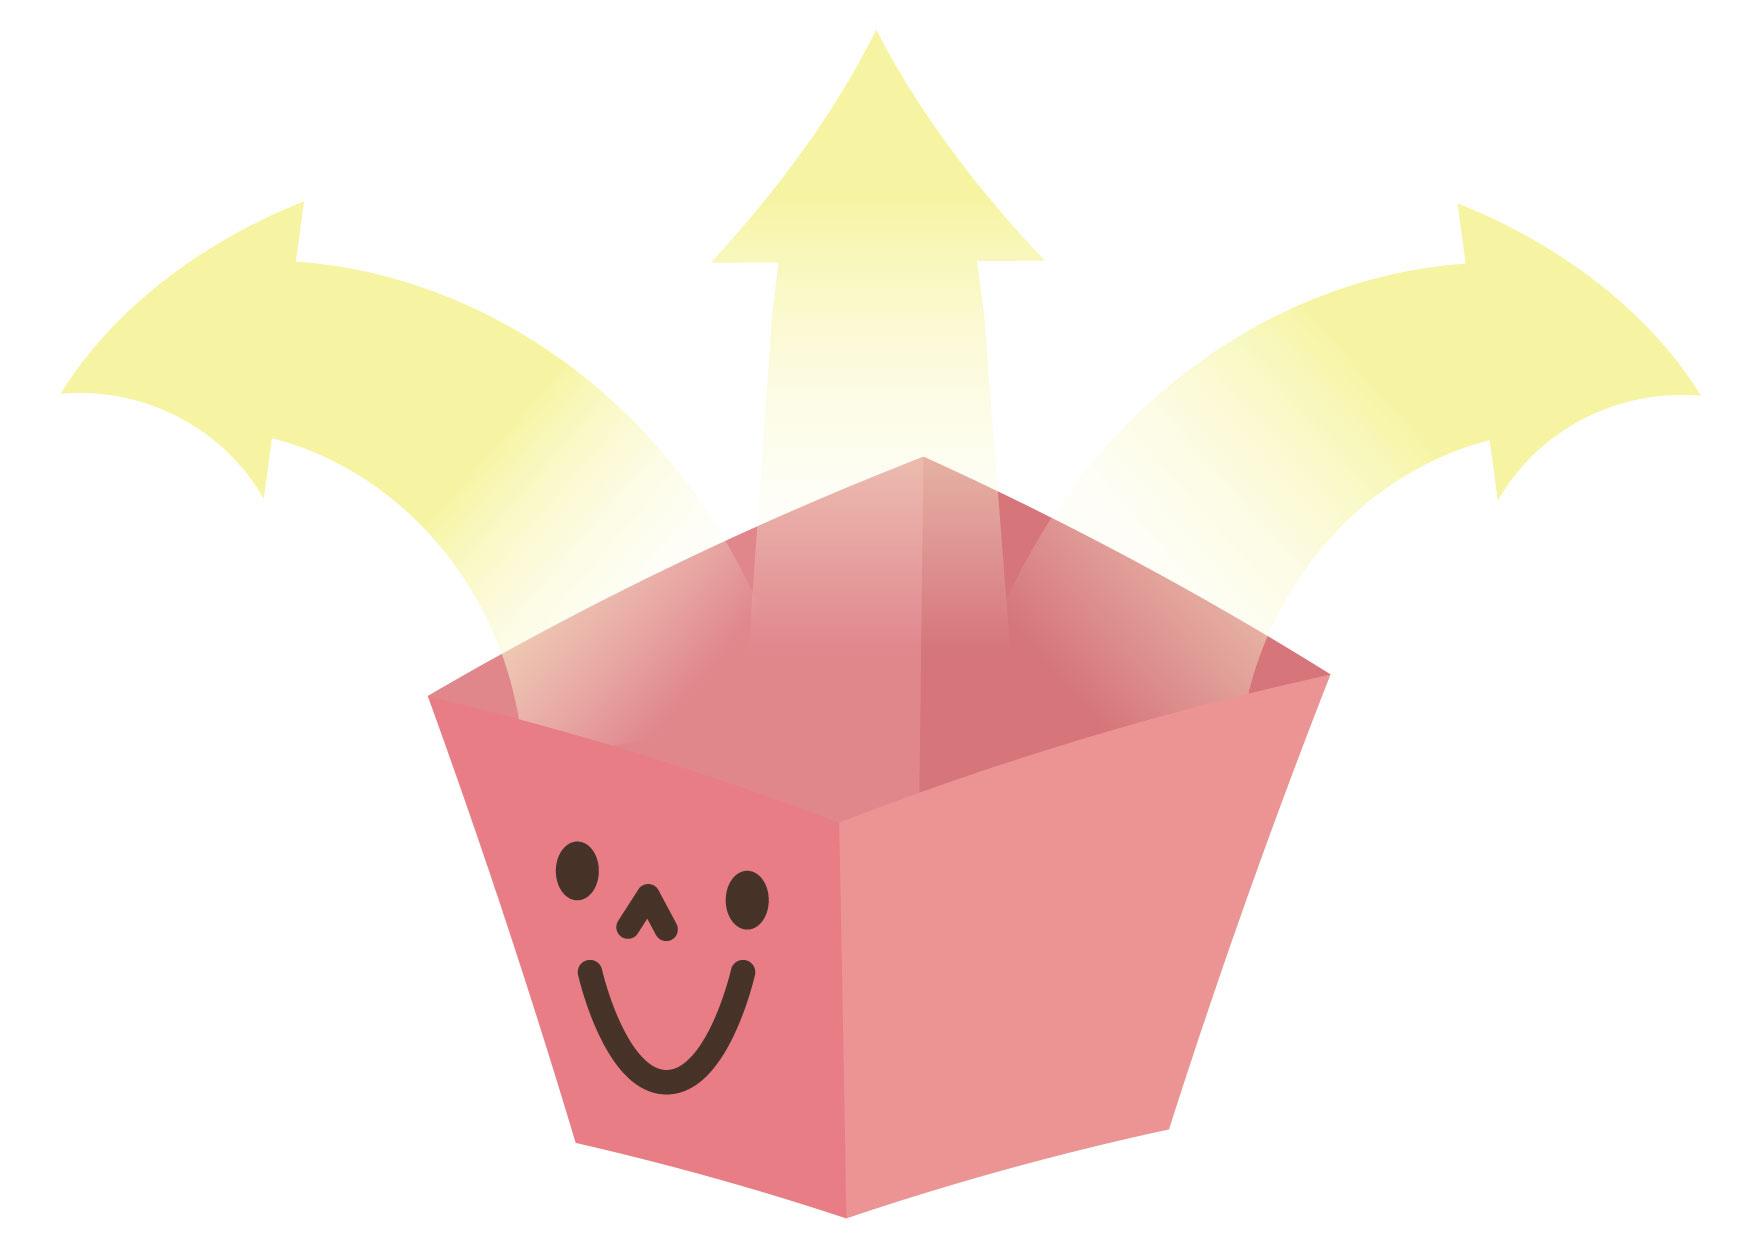 可愛いイラスト無料|箱 出る 矢印 ピンク − free illustration Box out arrow pink